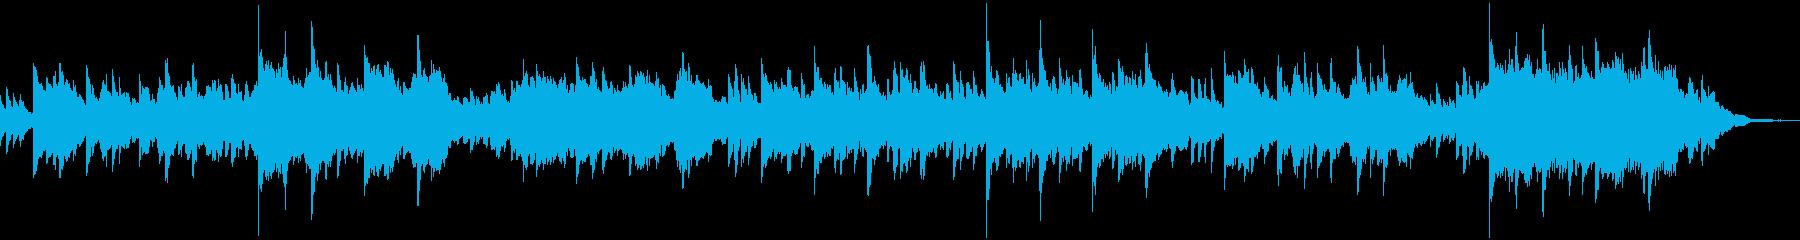 プログレッシブ 交響曲 アンビエン...の再生済みの波形